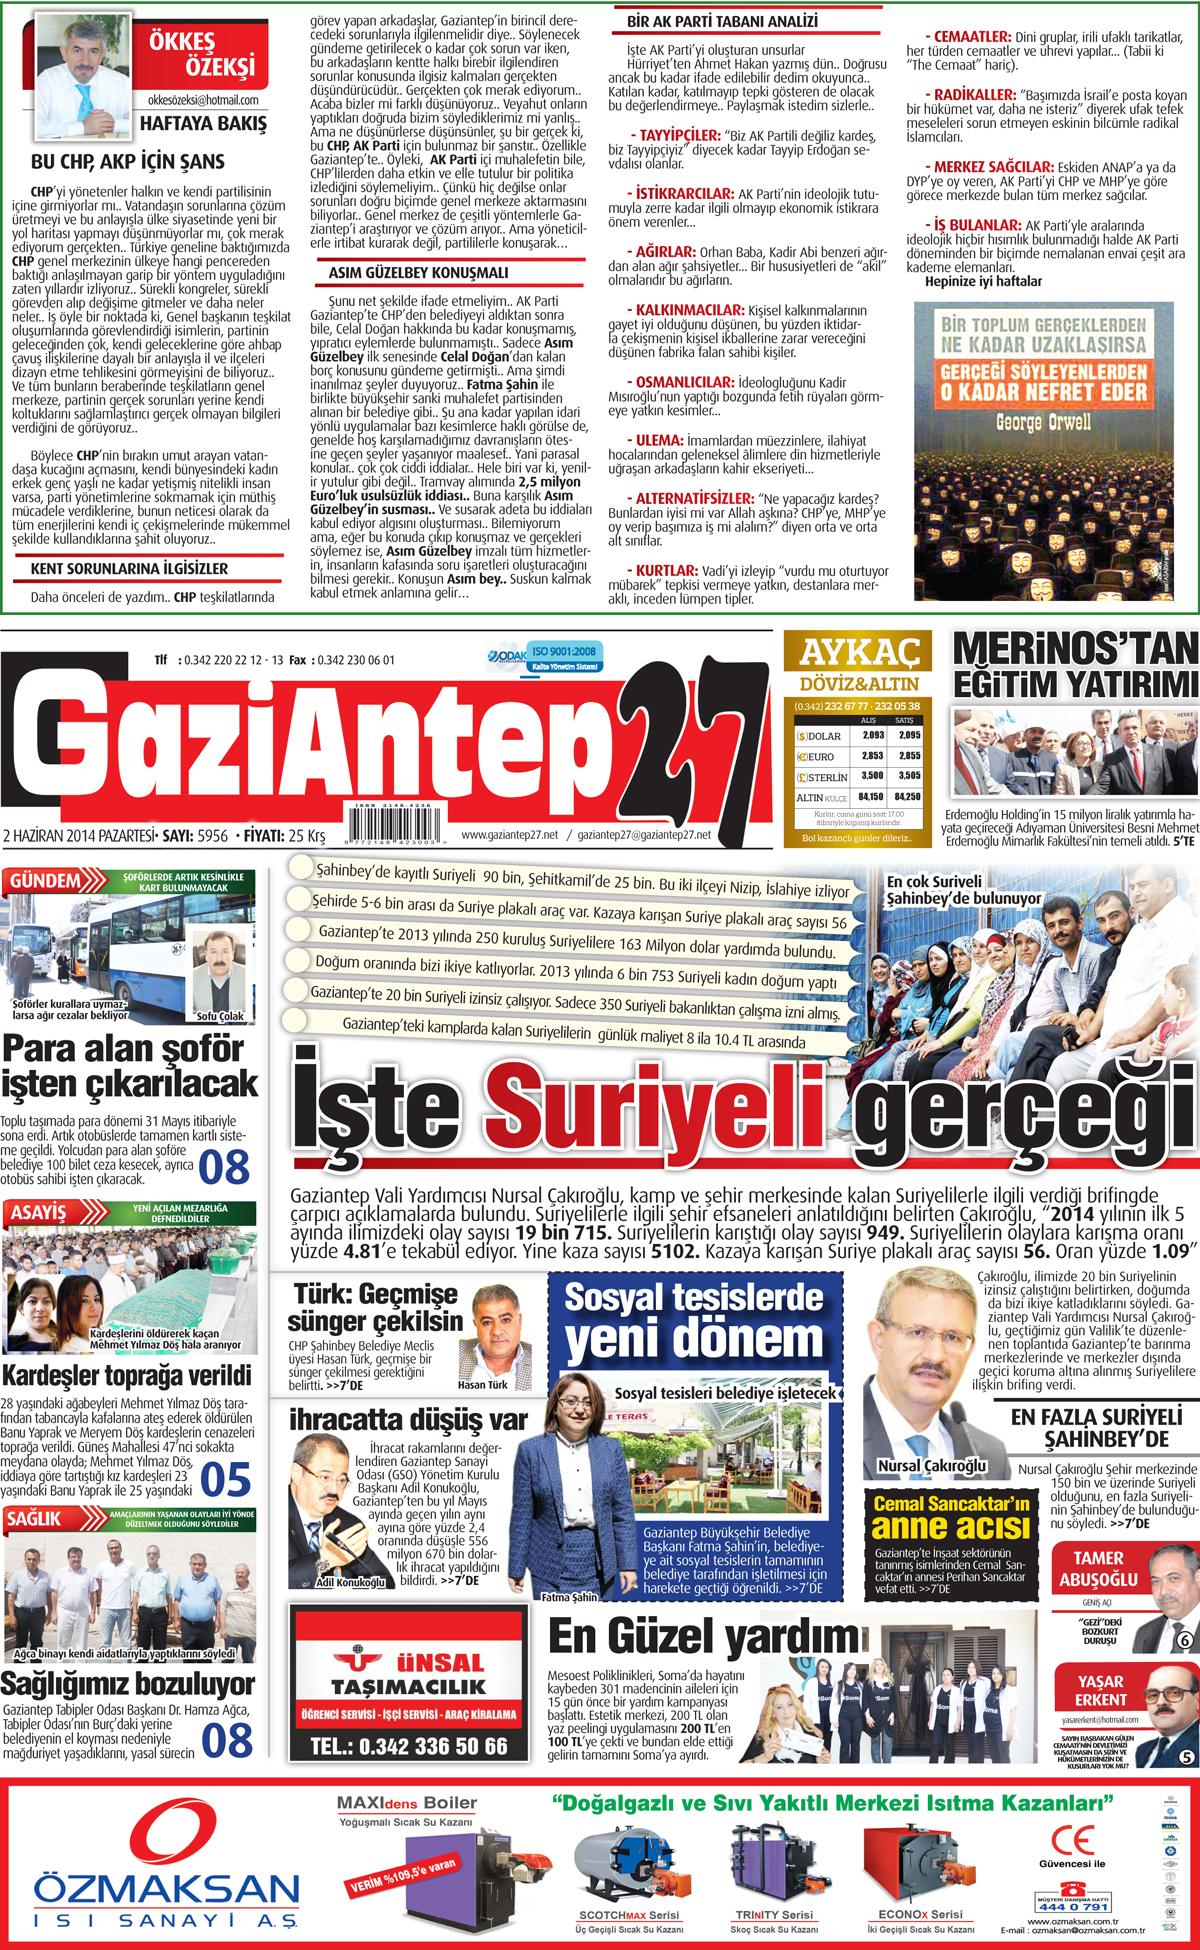 2 HAZİRAN 2014 SAYFALARI 2